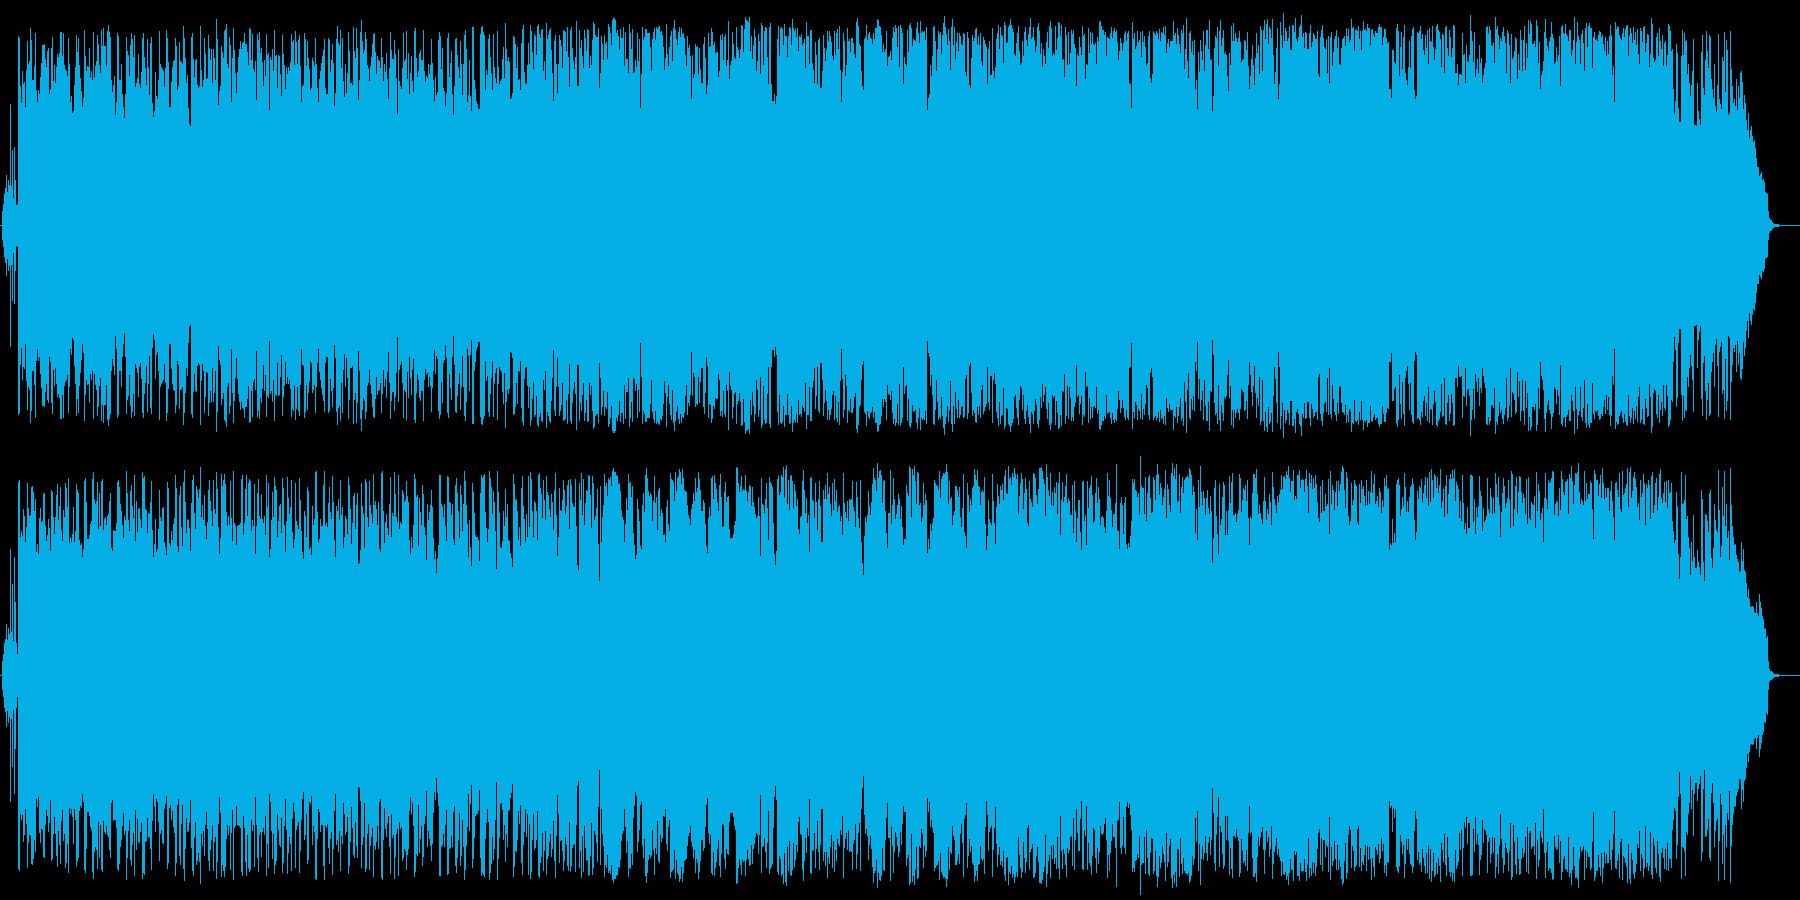 大海原を羽ばたくようなバンドオーケストラの再生済みの波形